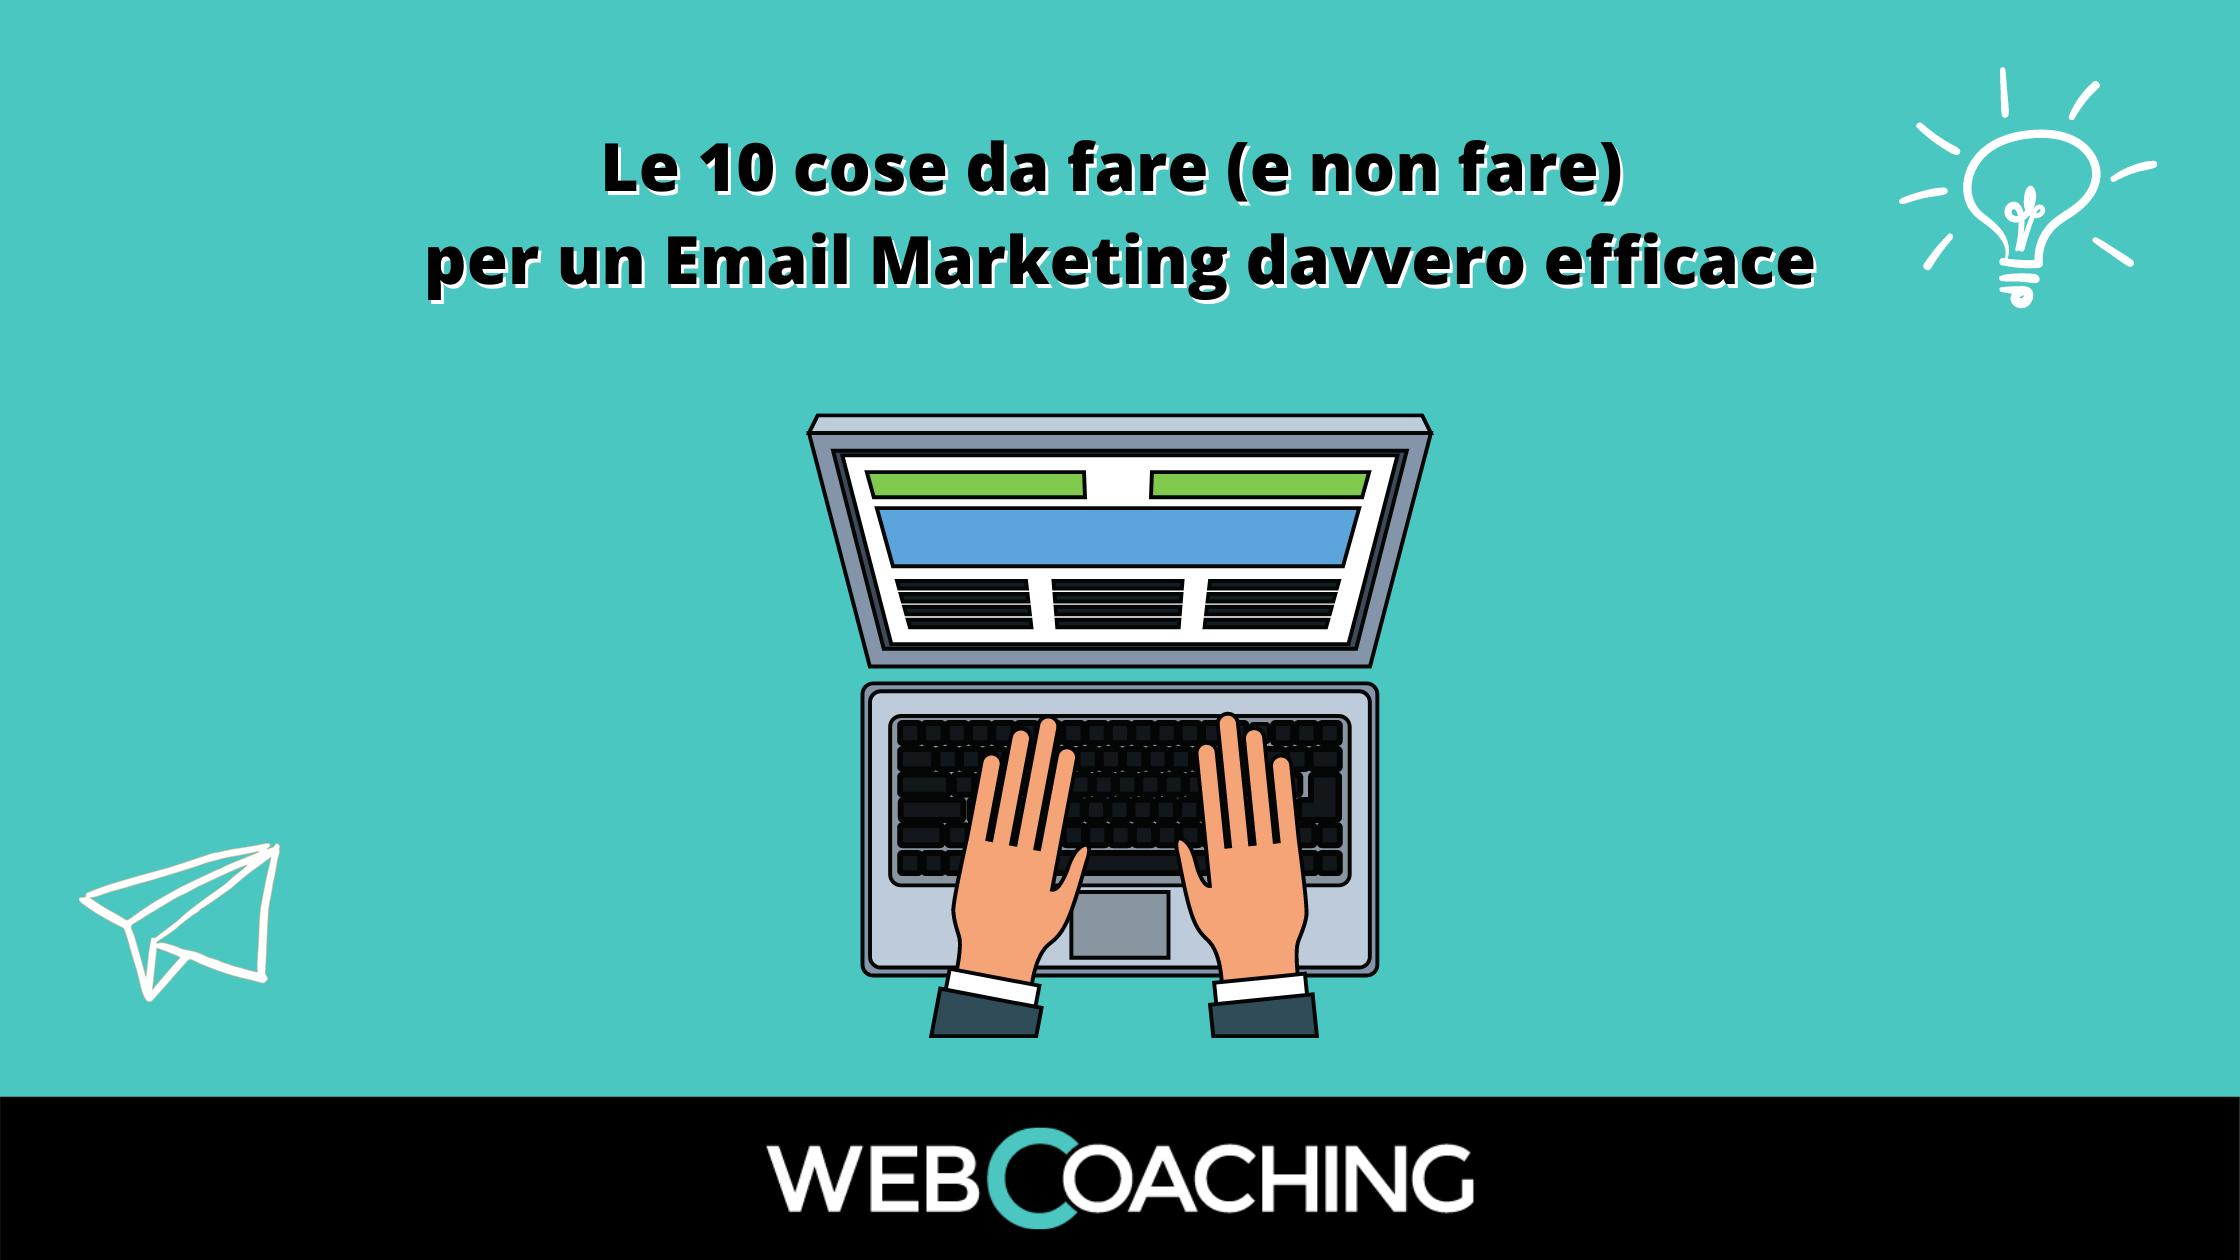 Email marketing 10 cose da fare